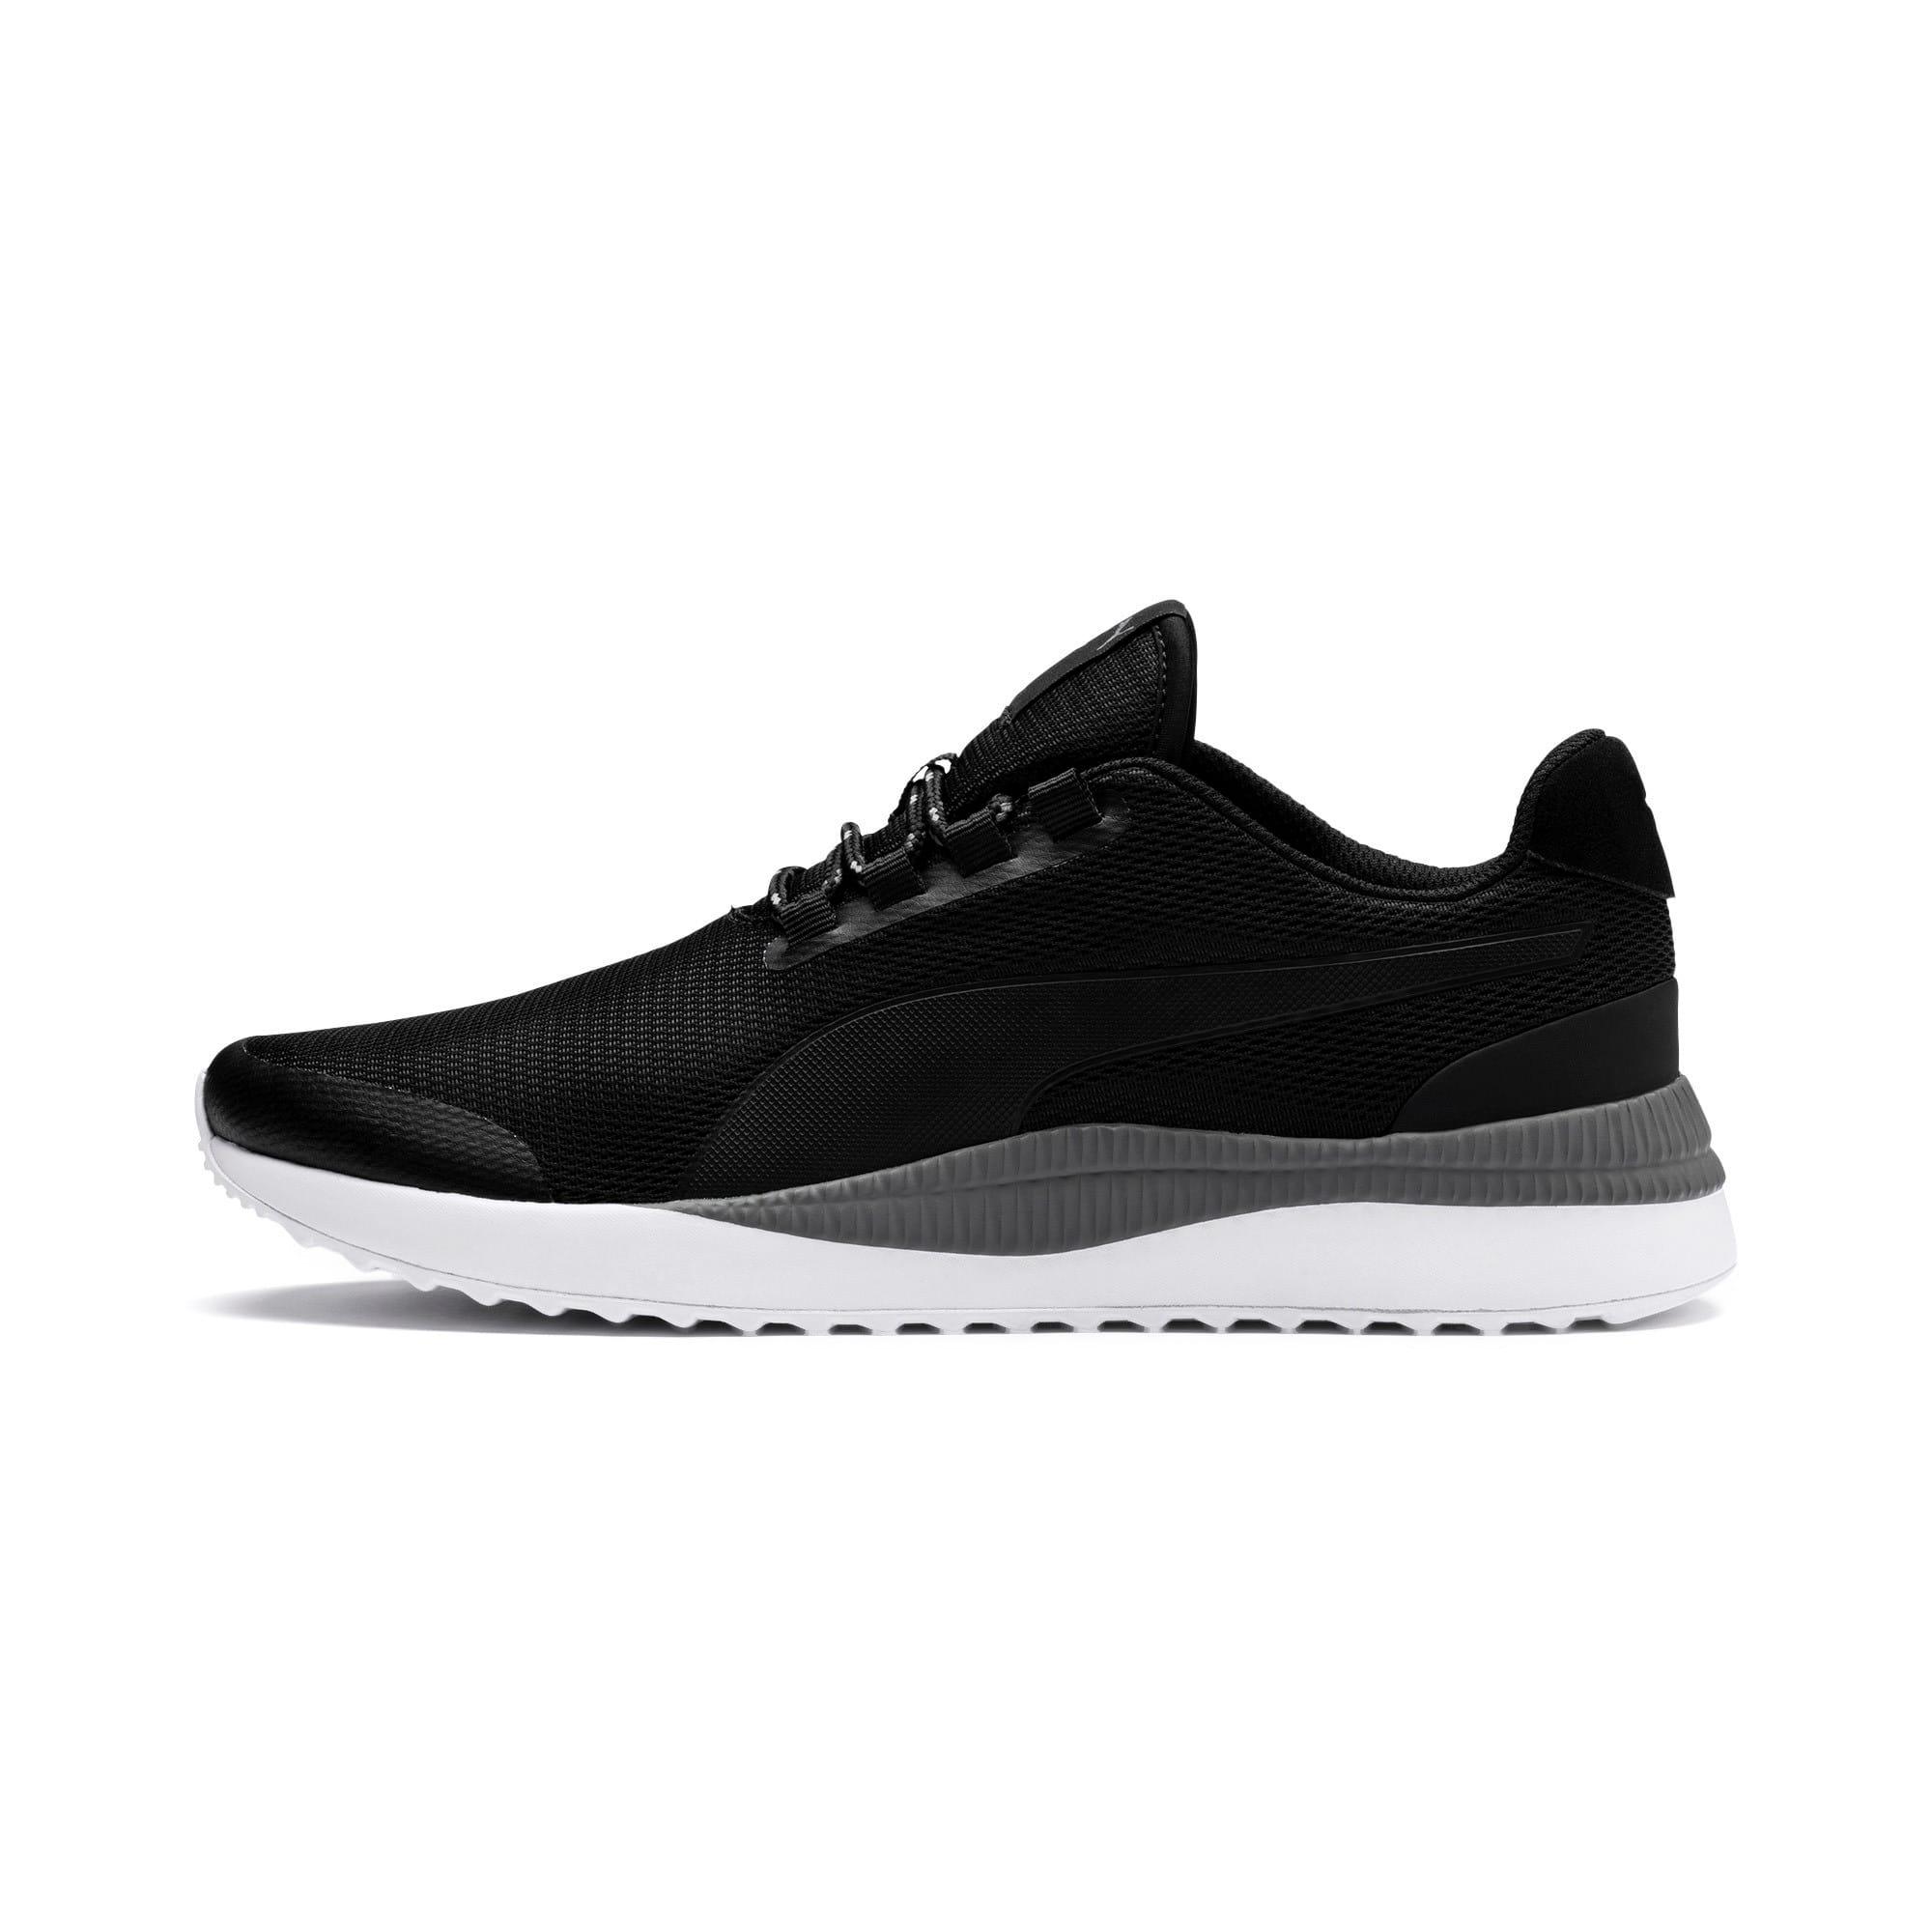 Miniatura 1 de Zapatos deportivosPacer Next FS, Puma Black-Iron Gate, mediano